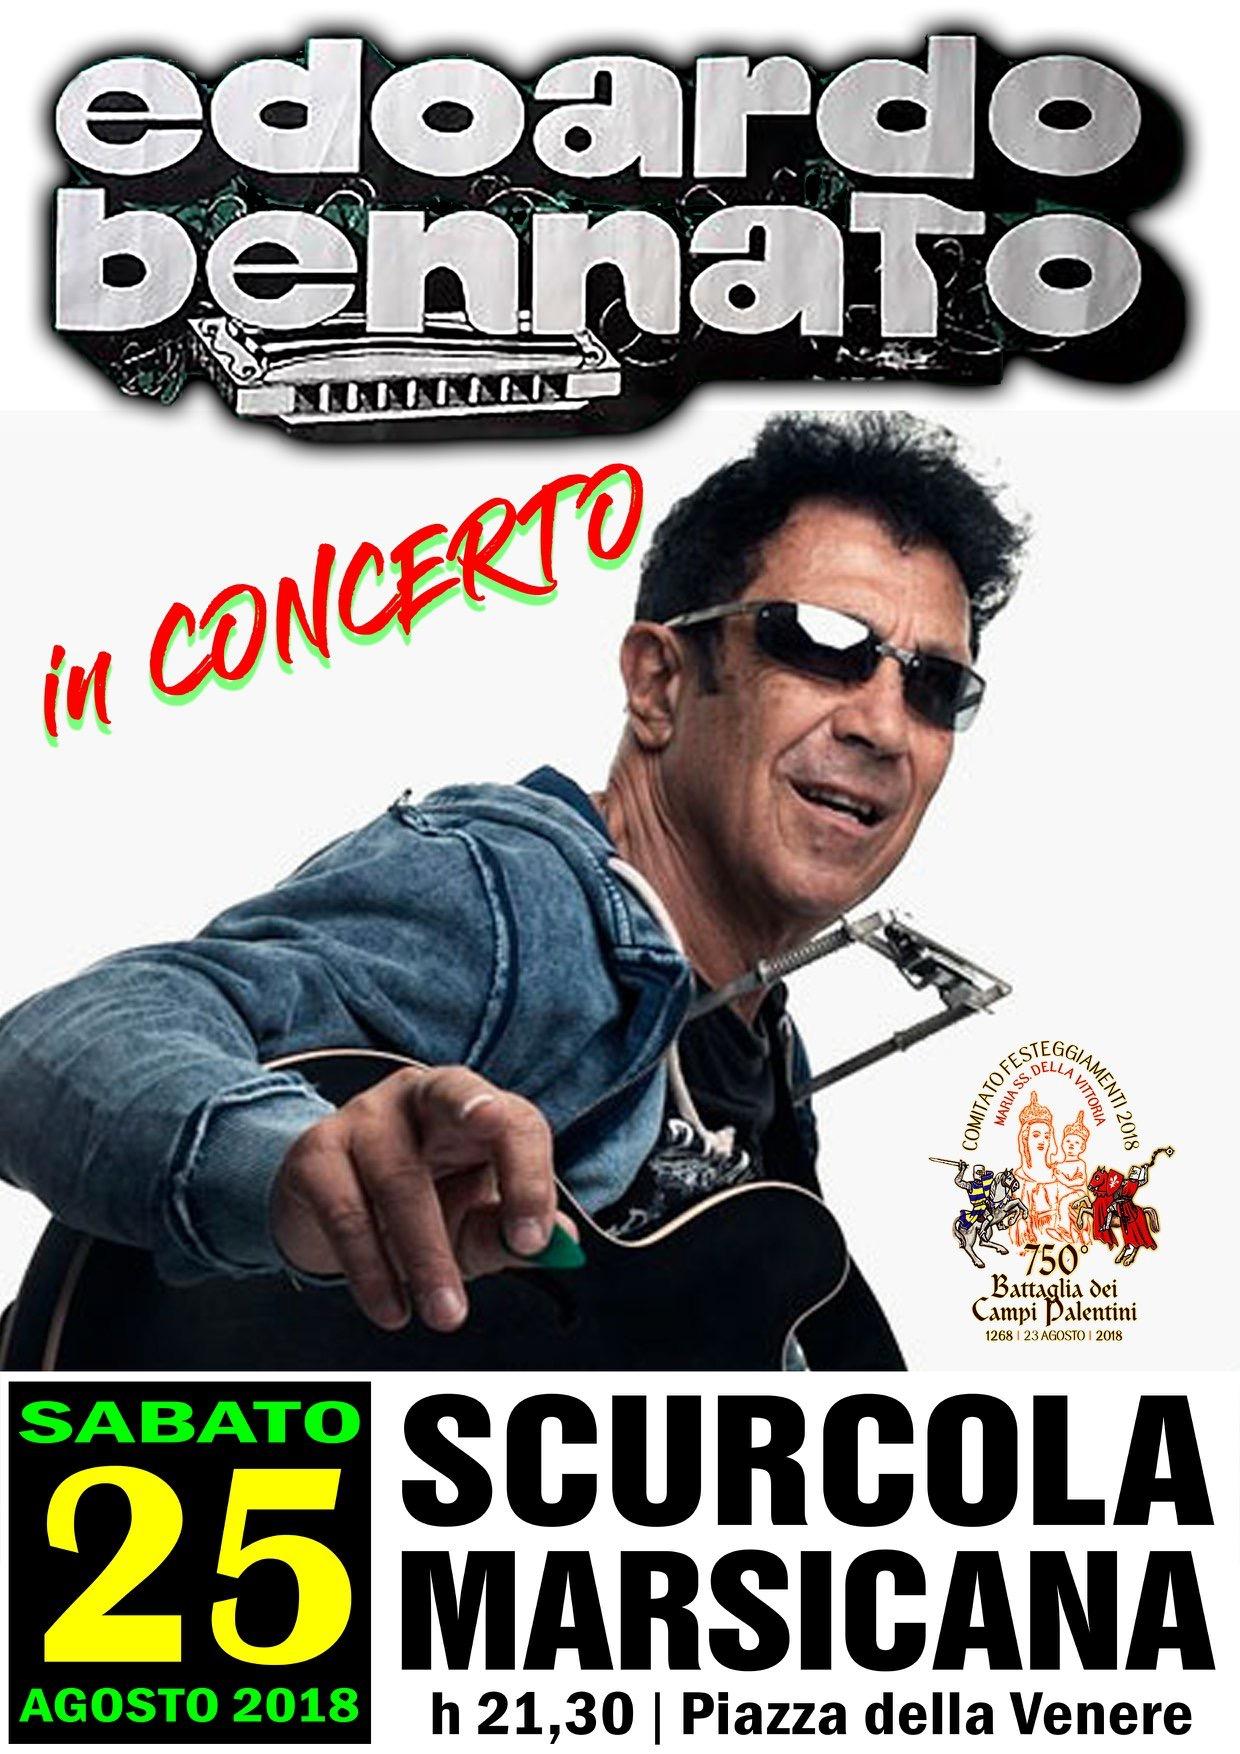 Edoardo Bennato in concerto a Scurcola Marsicana